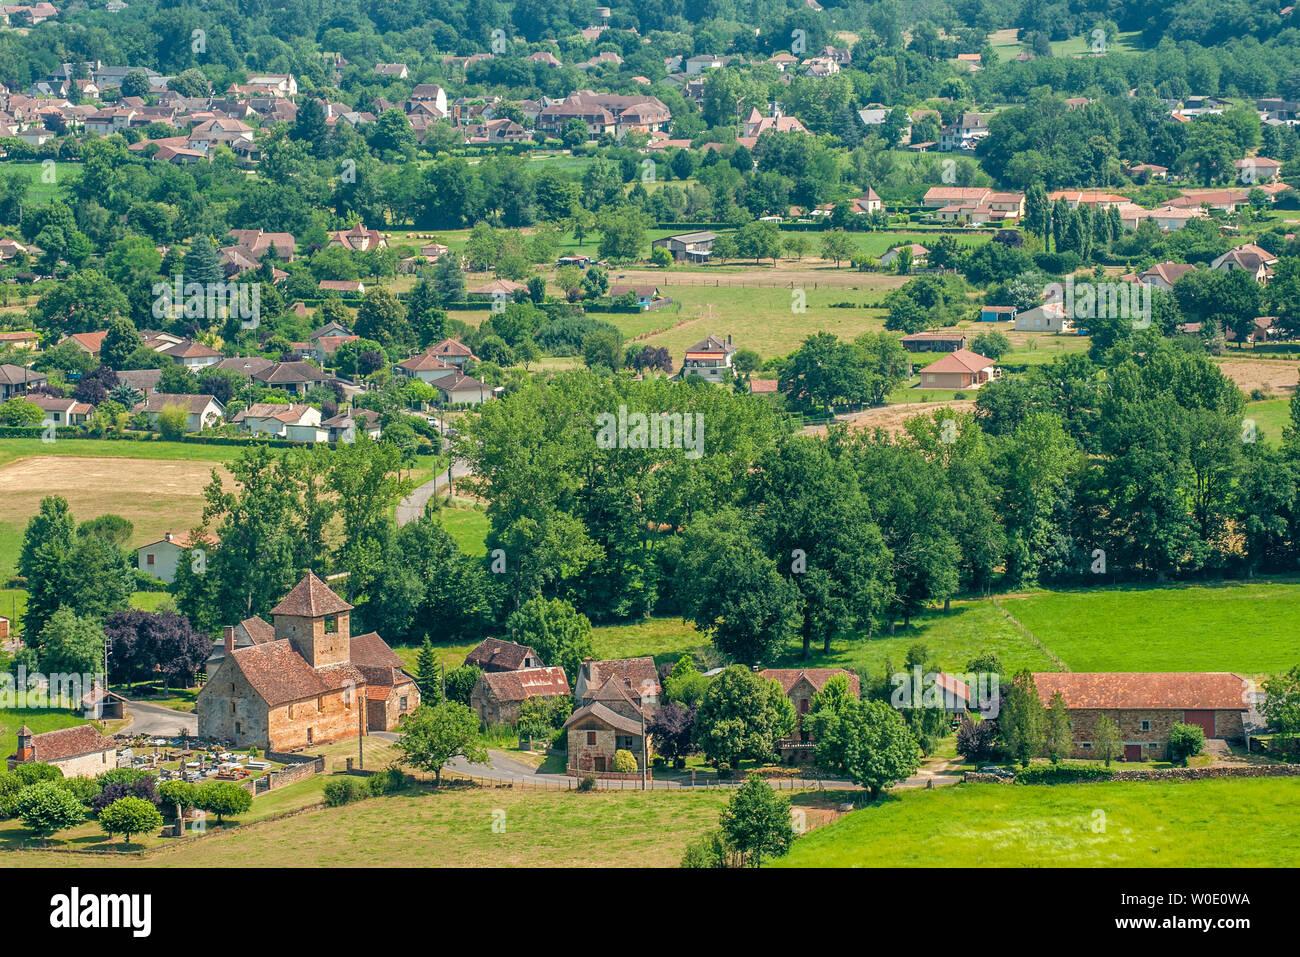 France, Lot, vallée de la Bave, view from the Château de Castelnau-Bretenoux (Camino de Santiago) Stock Photo